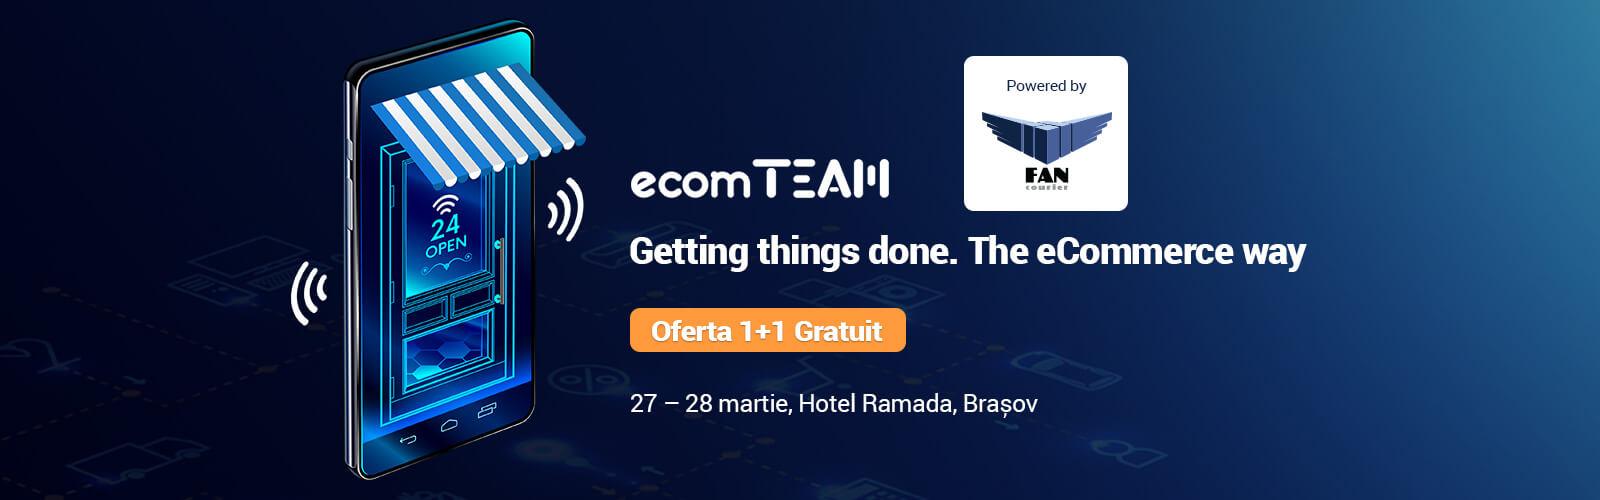 ecomTEAM - Maximizing eCommerce